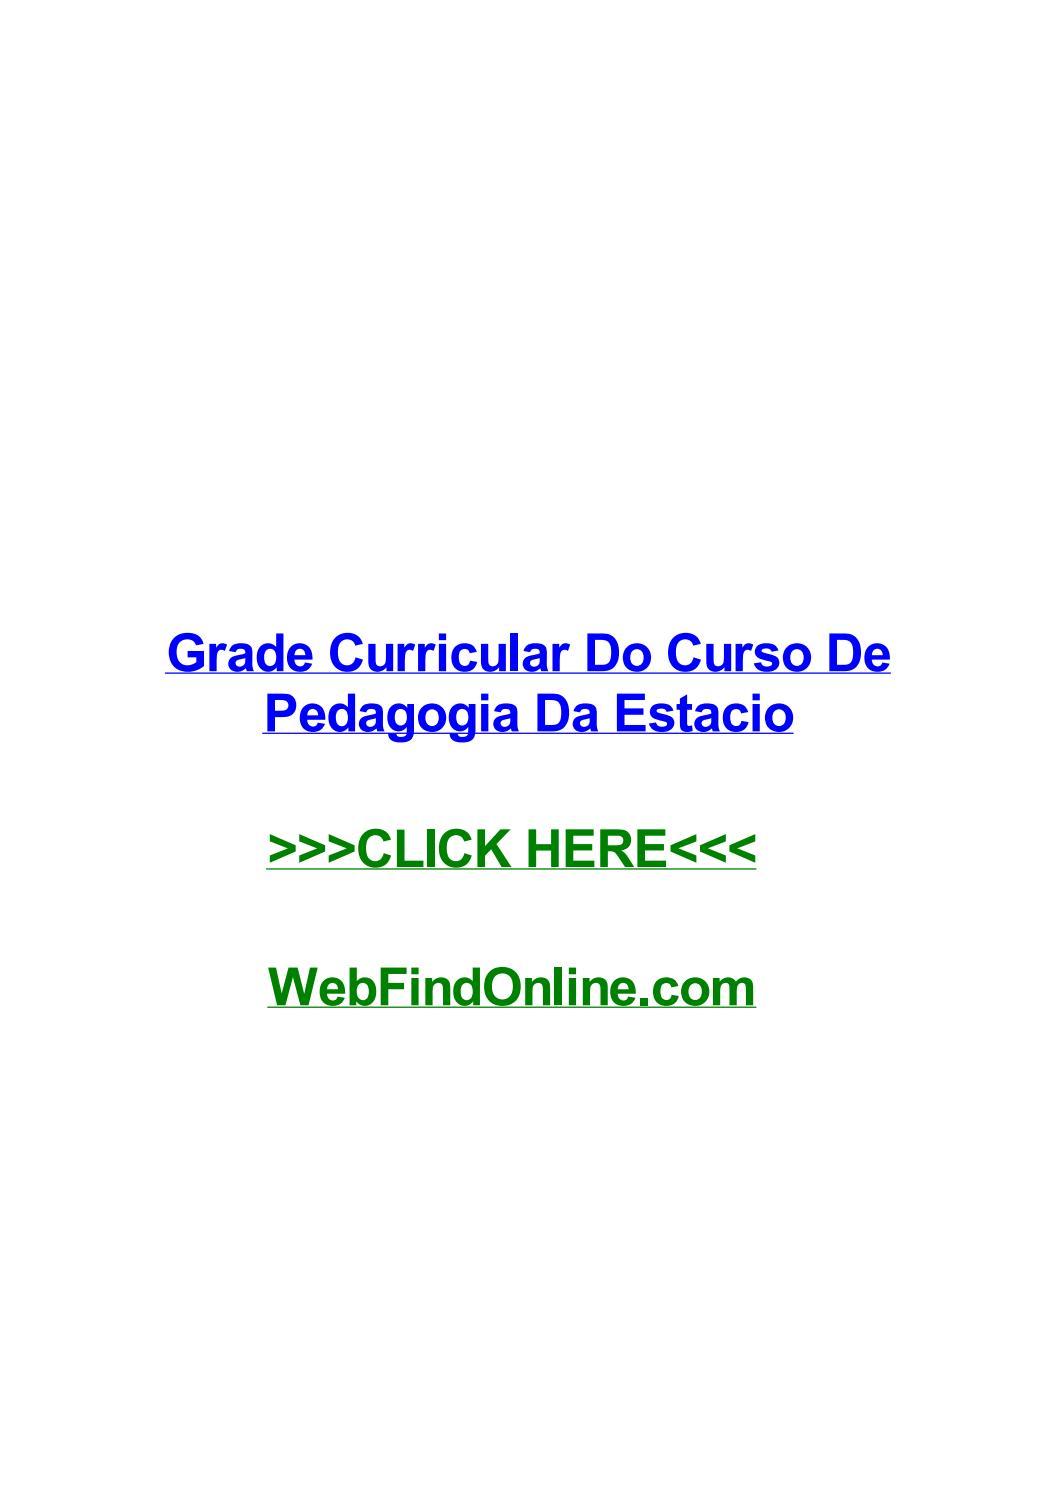 Grade Curricular Do Curso De Pedagogia Da Estacio By